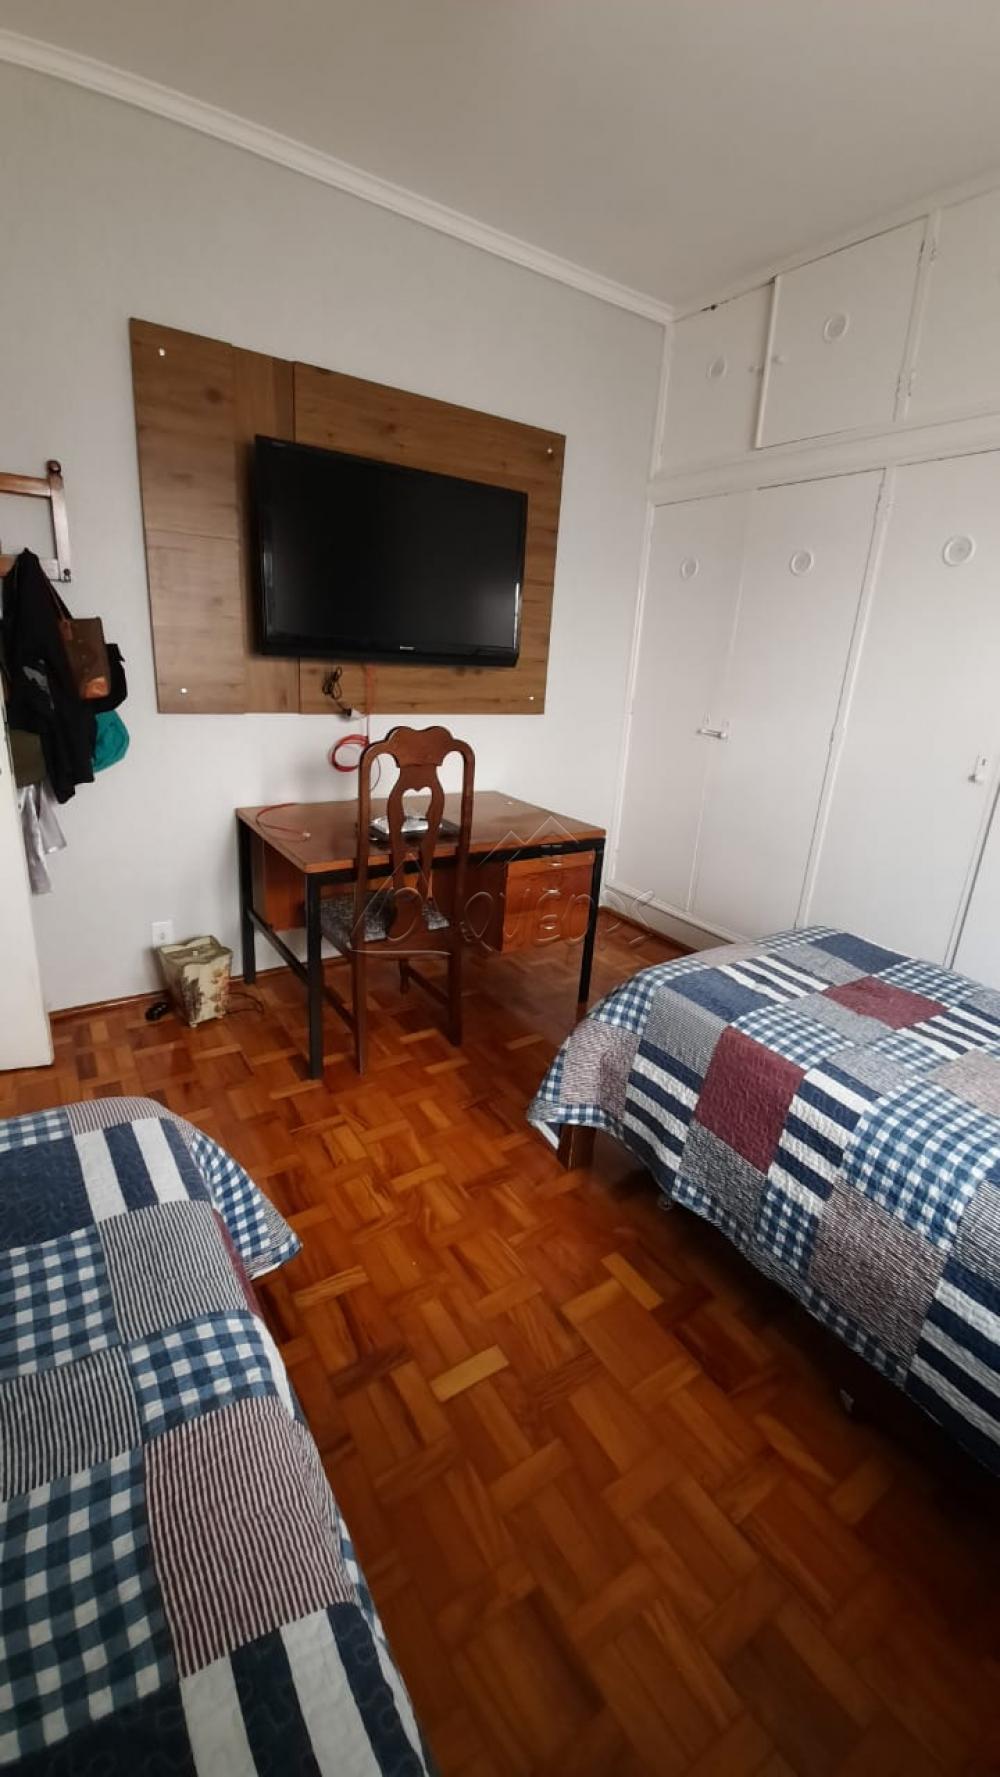 Comprar Casa / Padrão em Barretos apenas R$ 500.000,00 - Foto 24